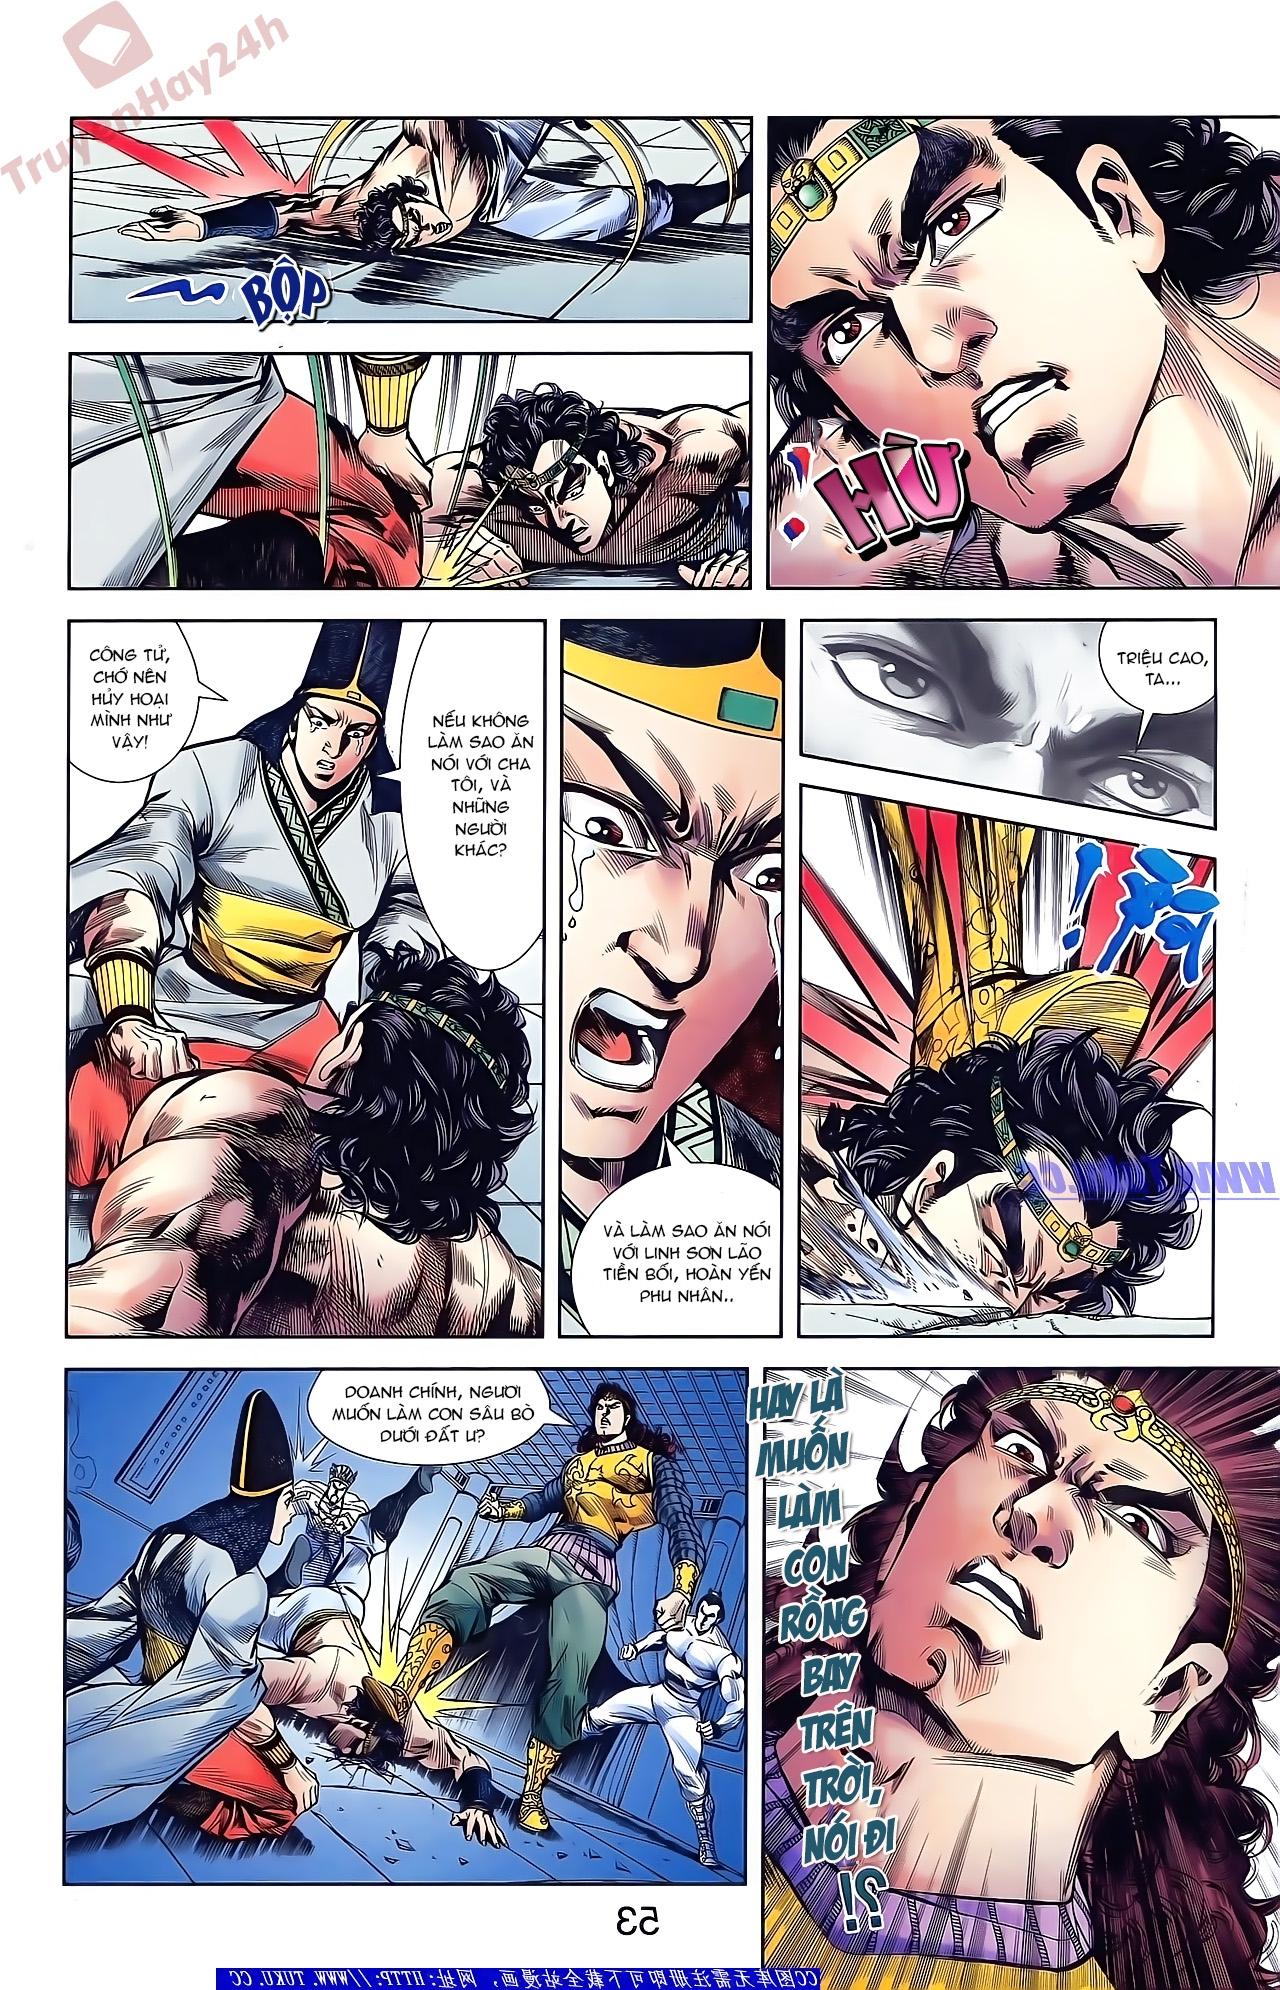 Tần Vương Doanh Chính chapter 44 trang 5